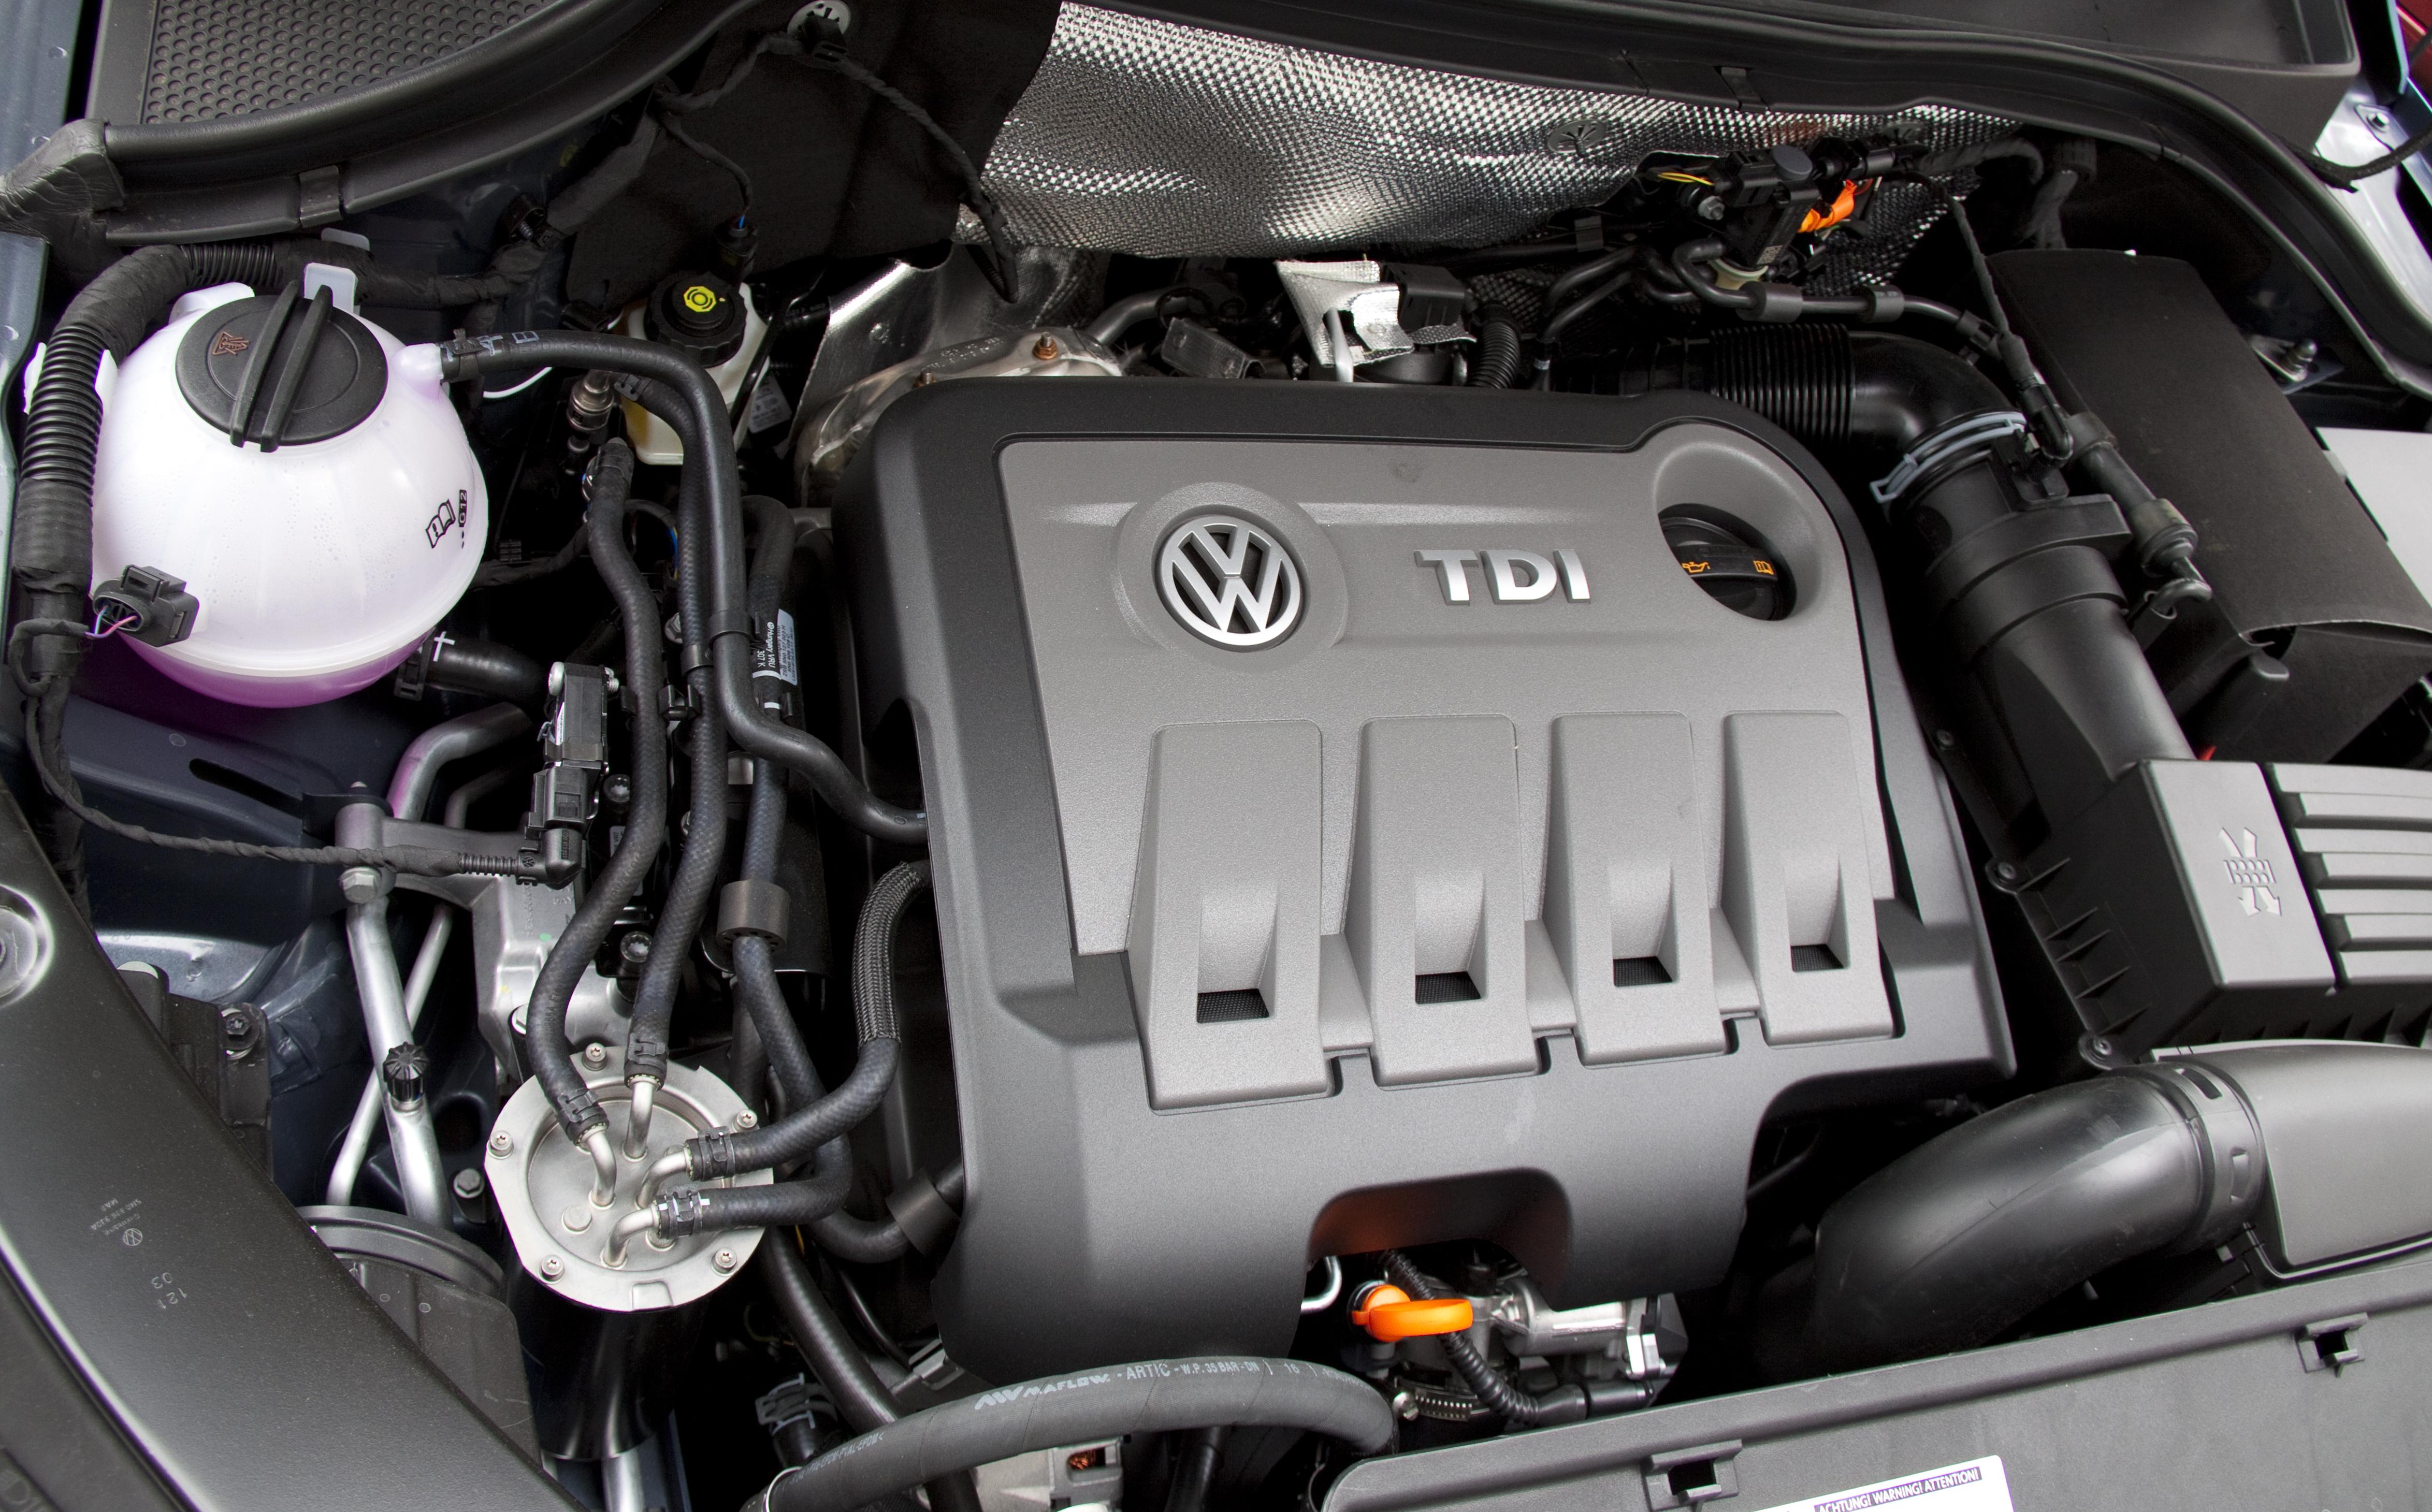 Фольксваген поло замена двигателя своими руками